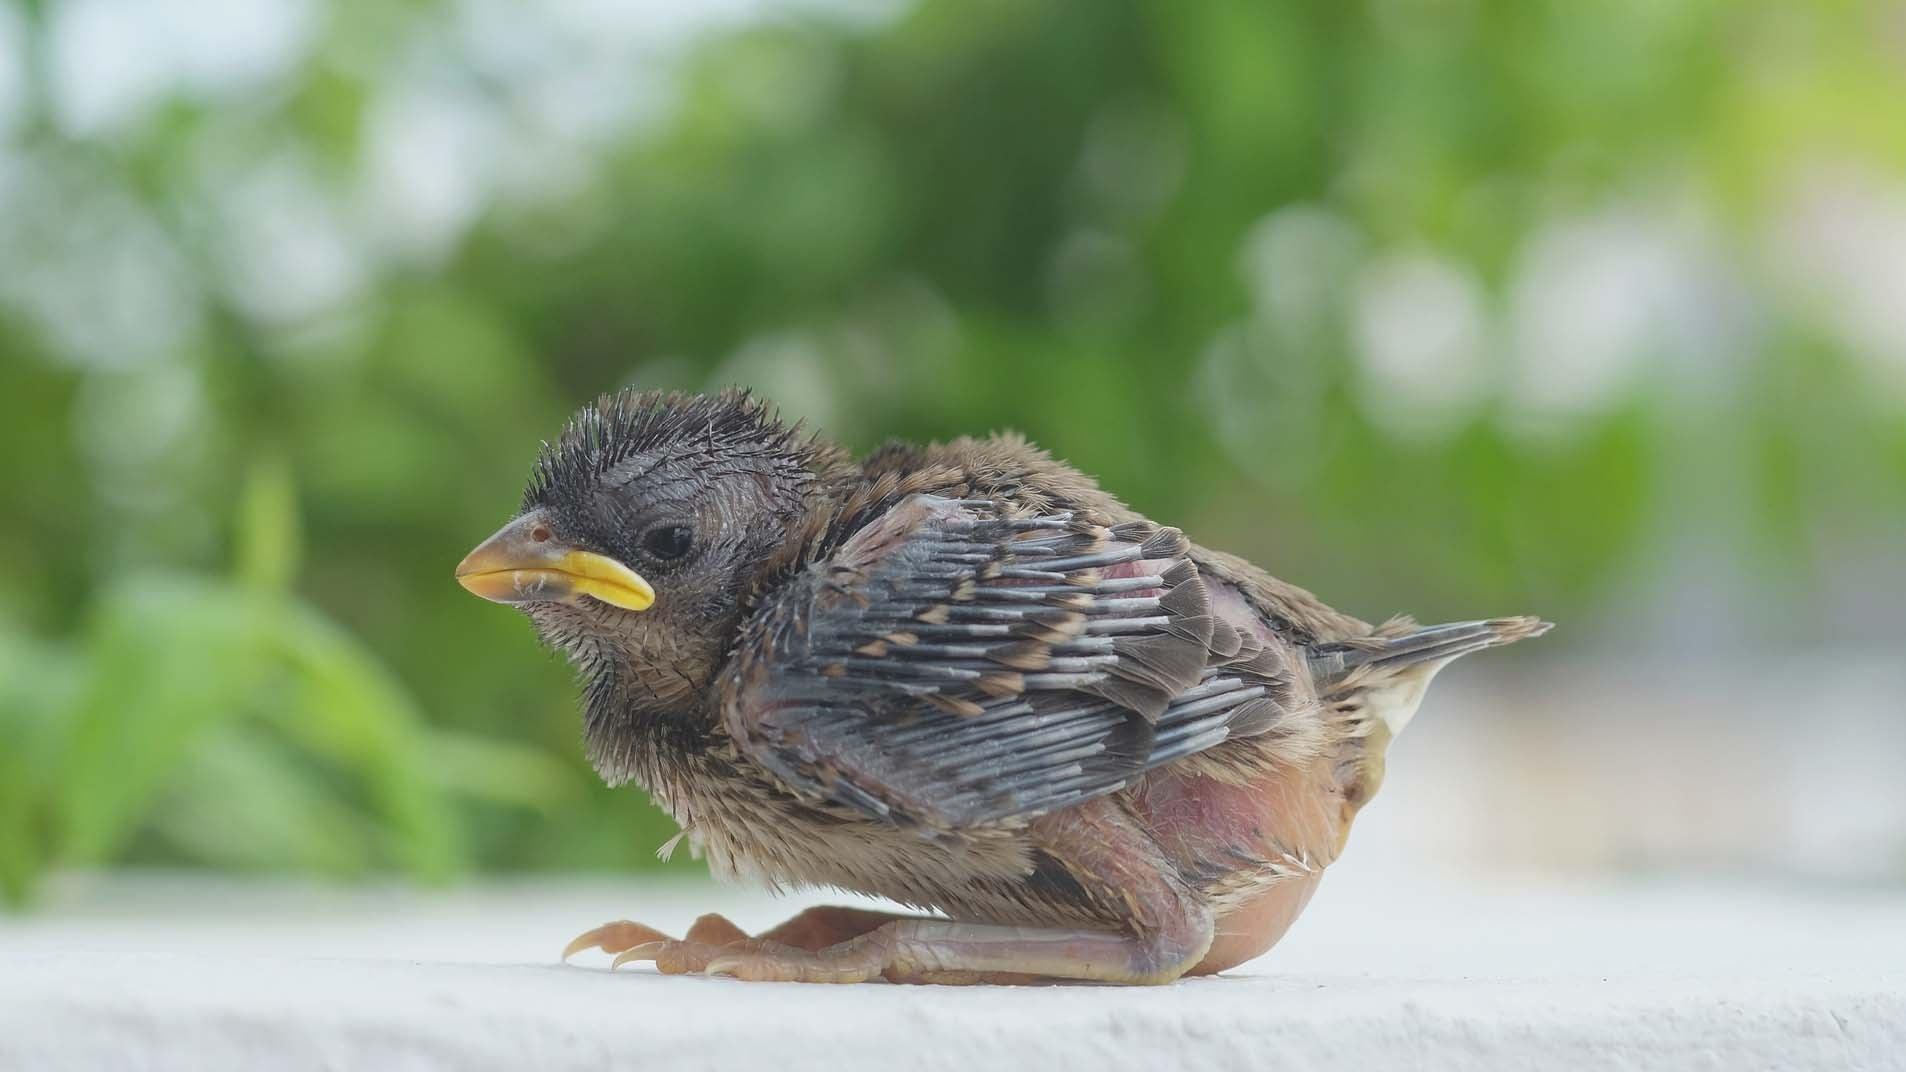 Tierärzte: Jungvögel sind meist nicht auf Hilfe angewiesen